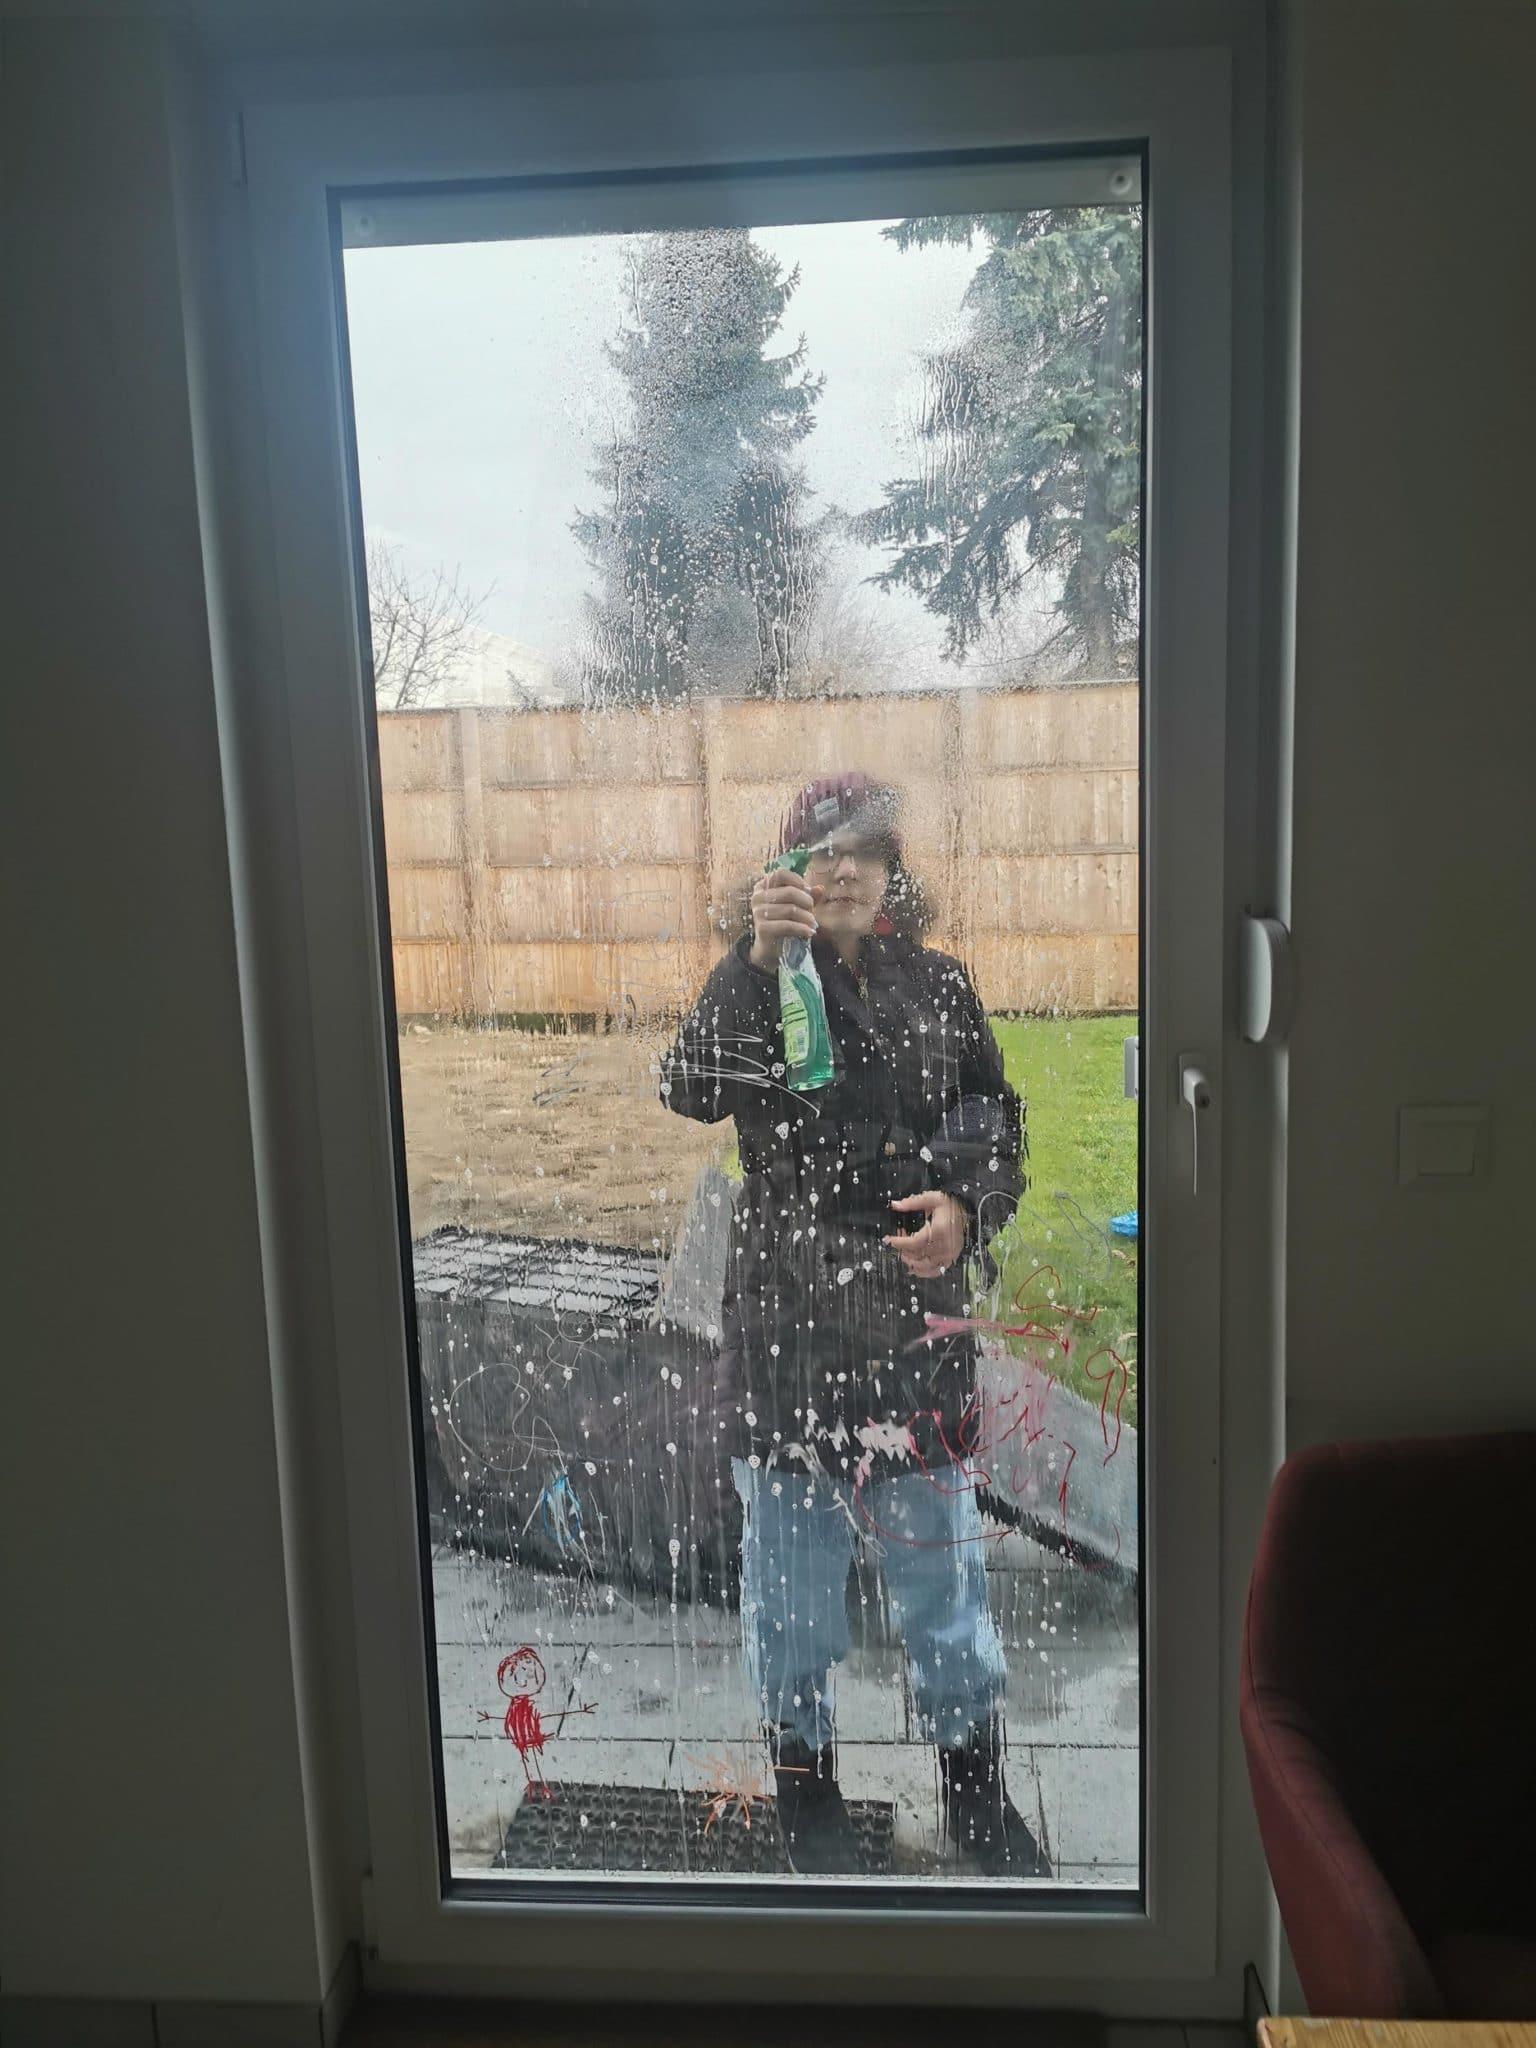 Samstag ist Putztag. Wir schrubben die Fenster.